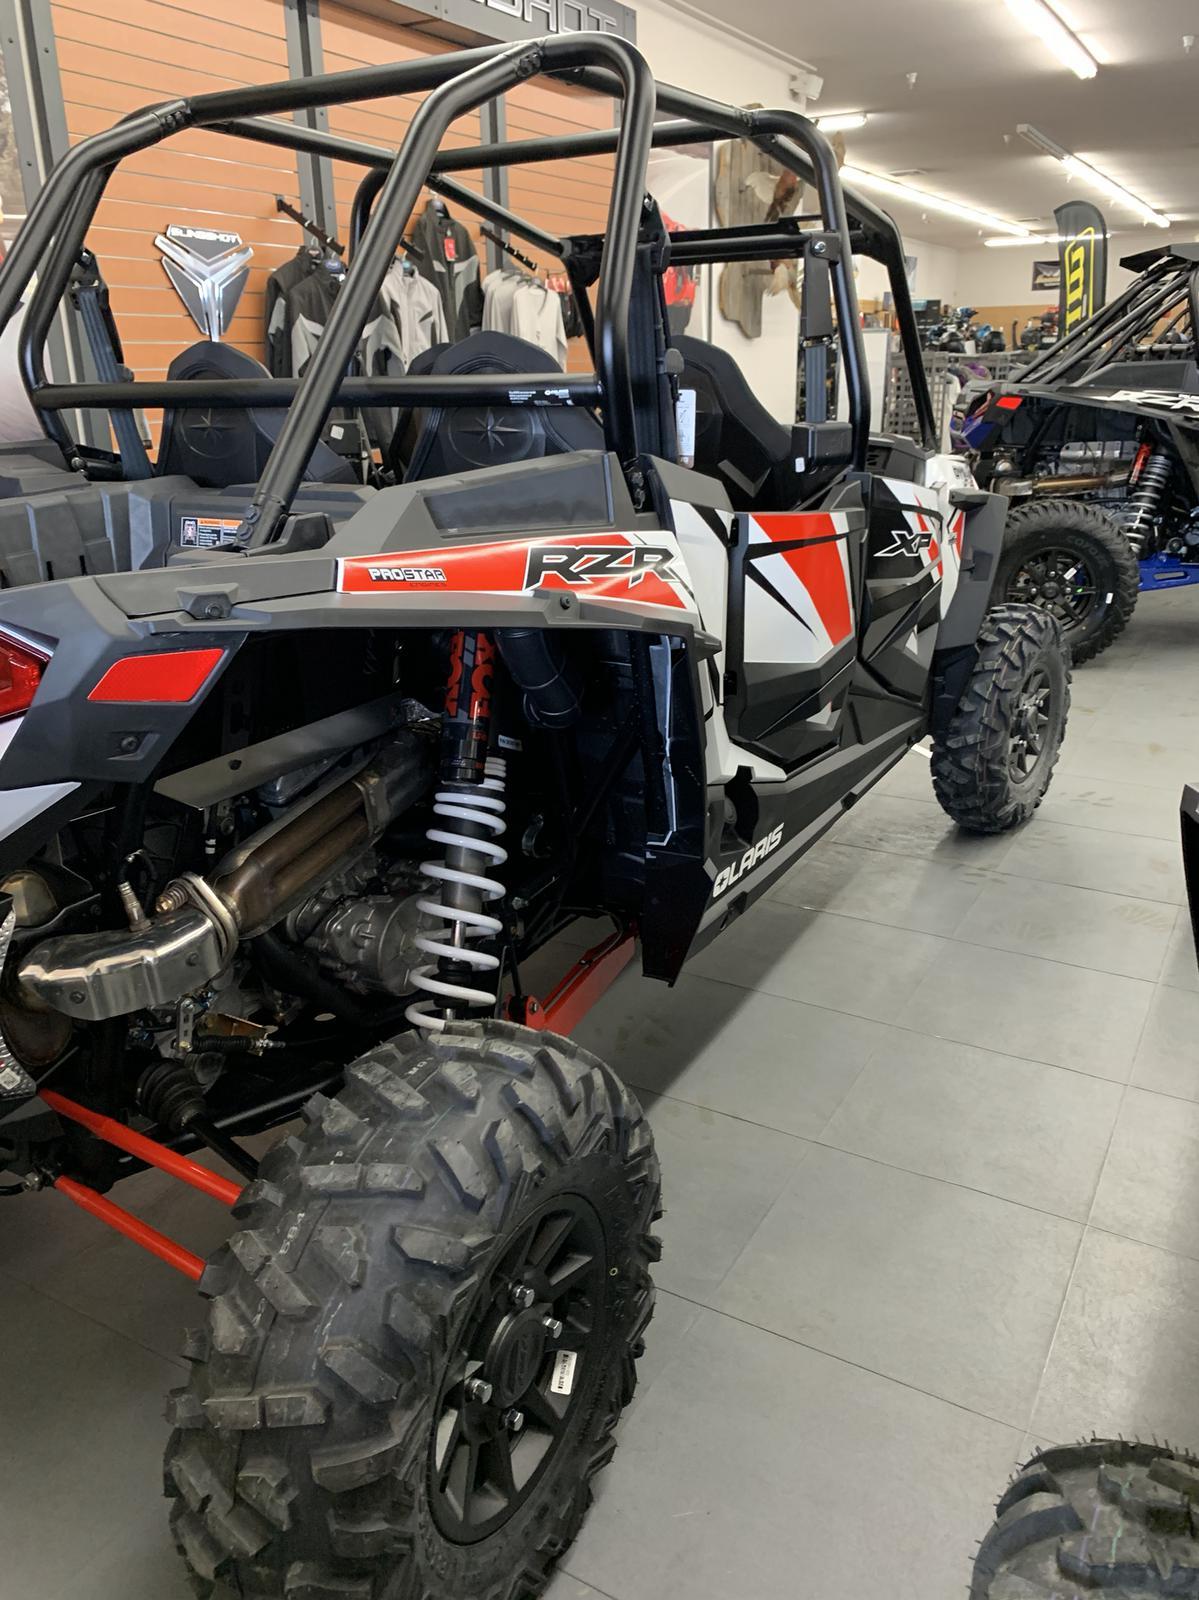 2019 Polaris Industries RZR XP® 4 1000 DYNAMIX - White